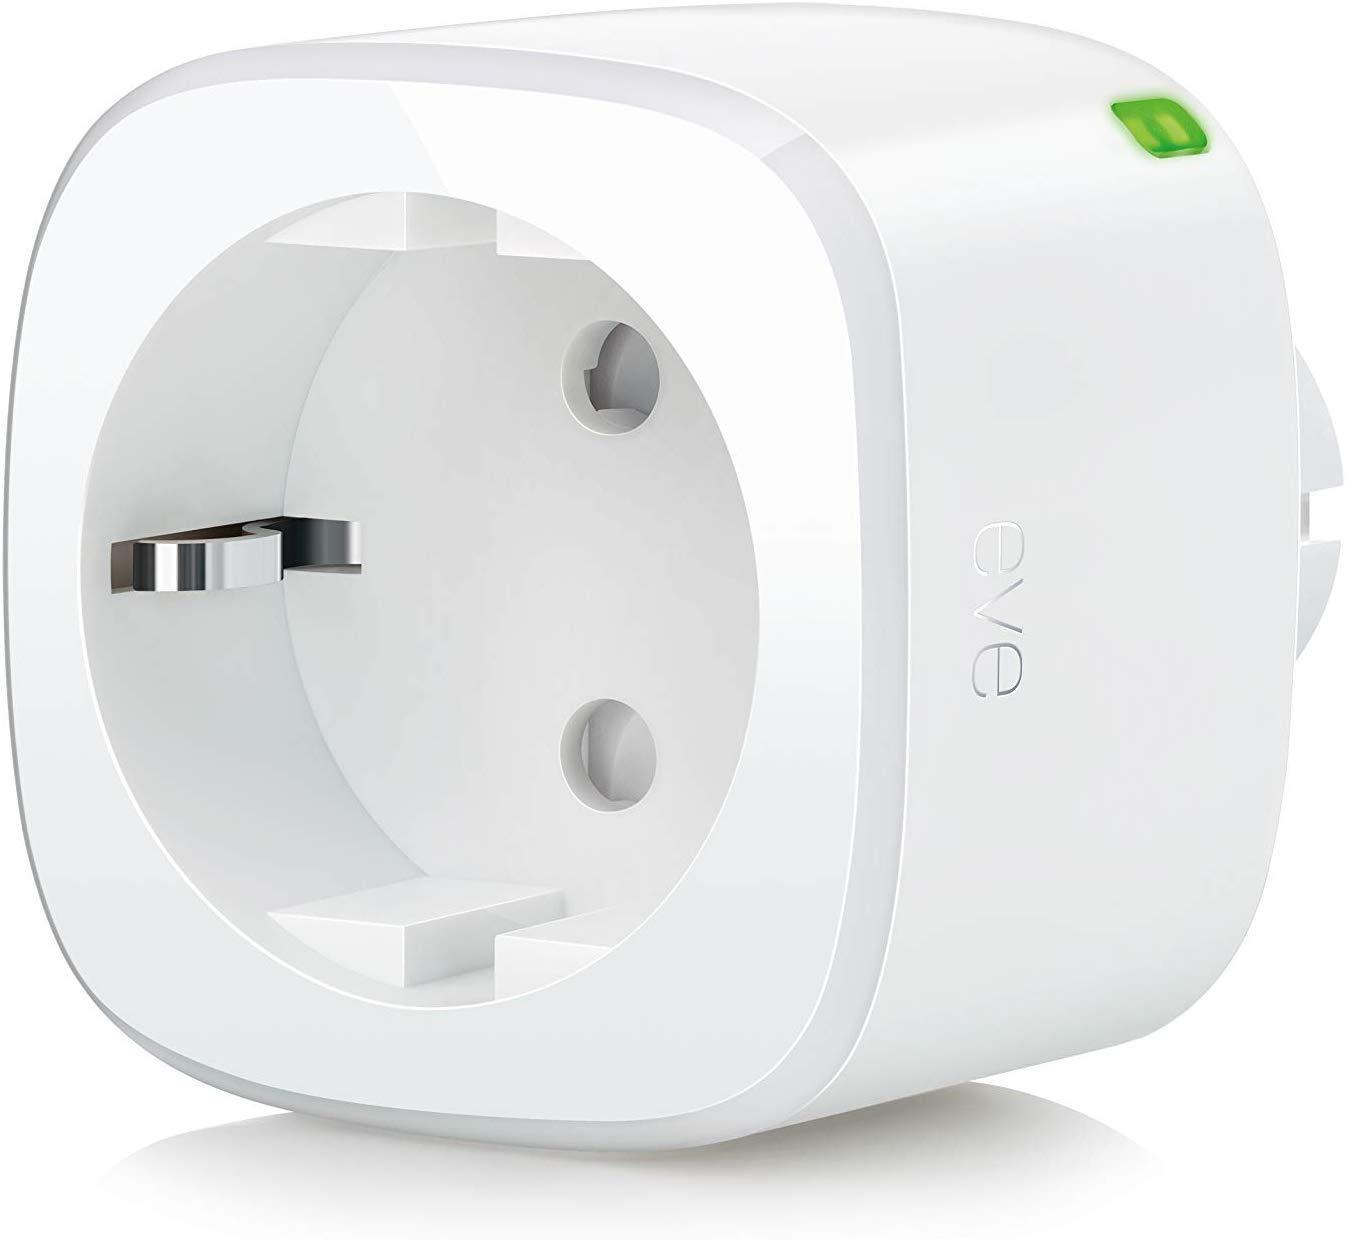 Eve Energy - Interruptor y contador eléctrico inalámbrico, Bluetooth Low Energy, non occorrono bridge o gateway, blanco (Apple HomeKit)